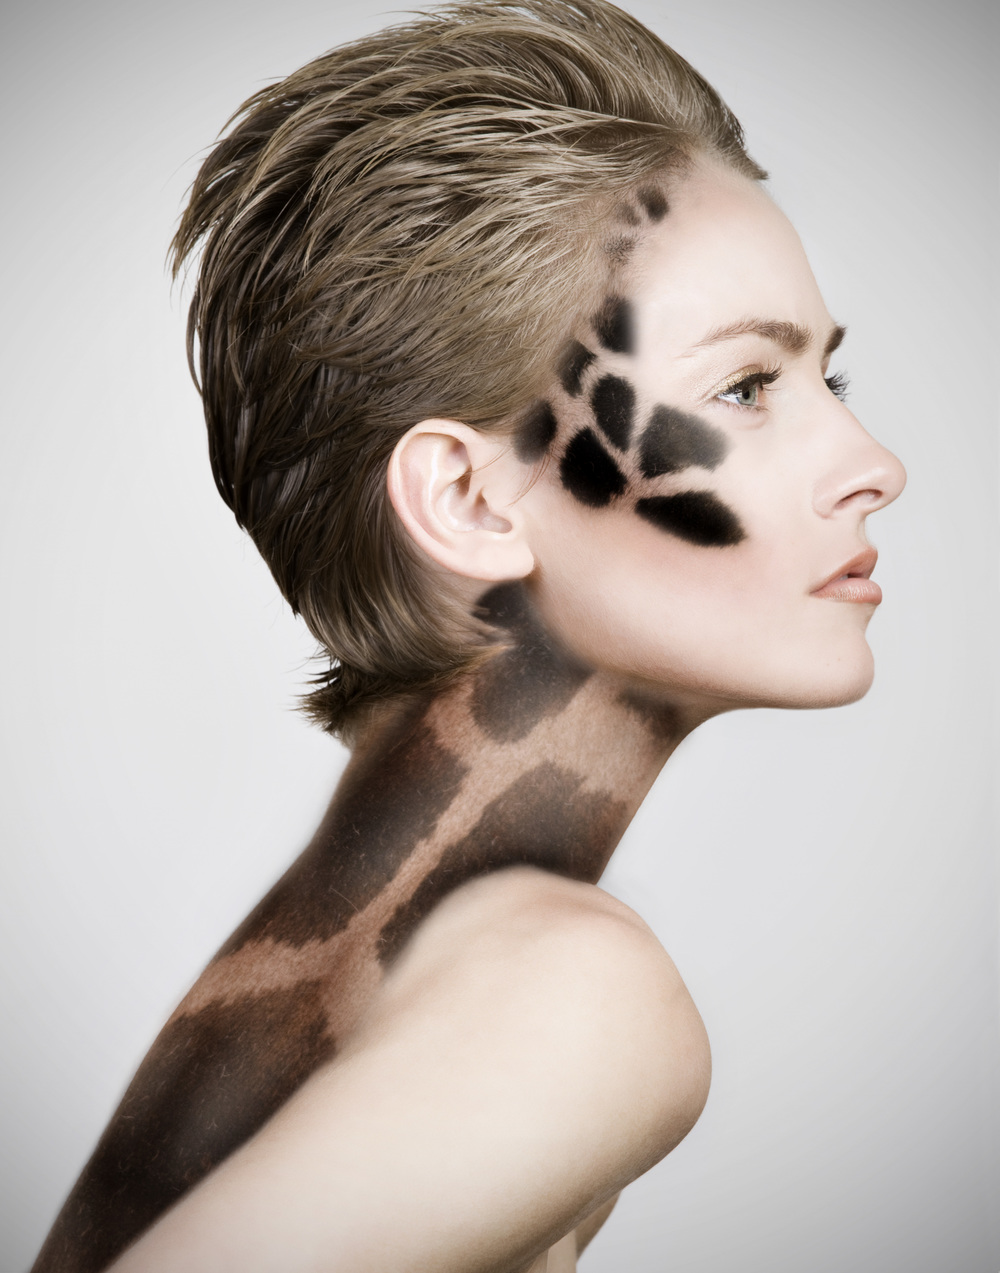 daisy_giraffe.jpg